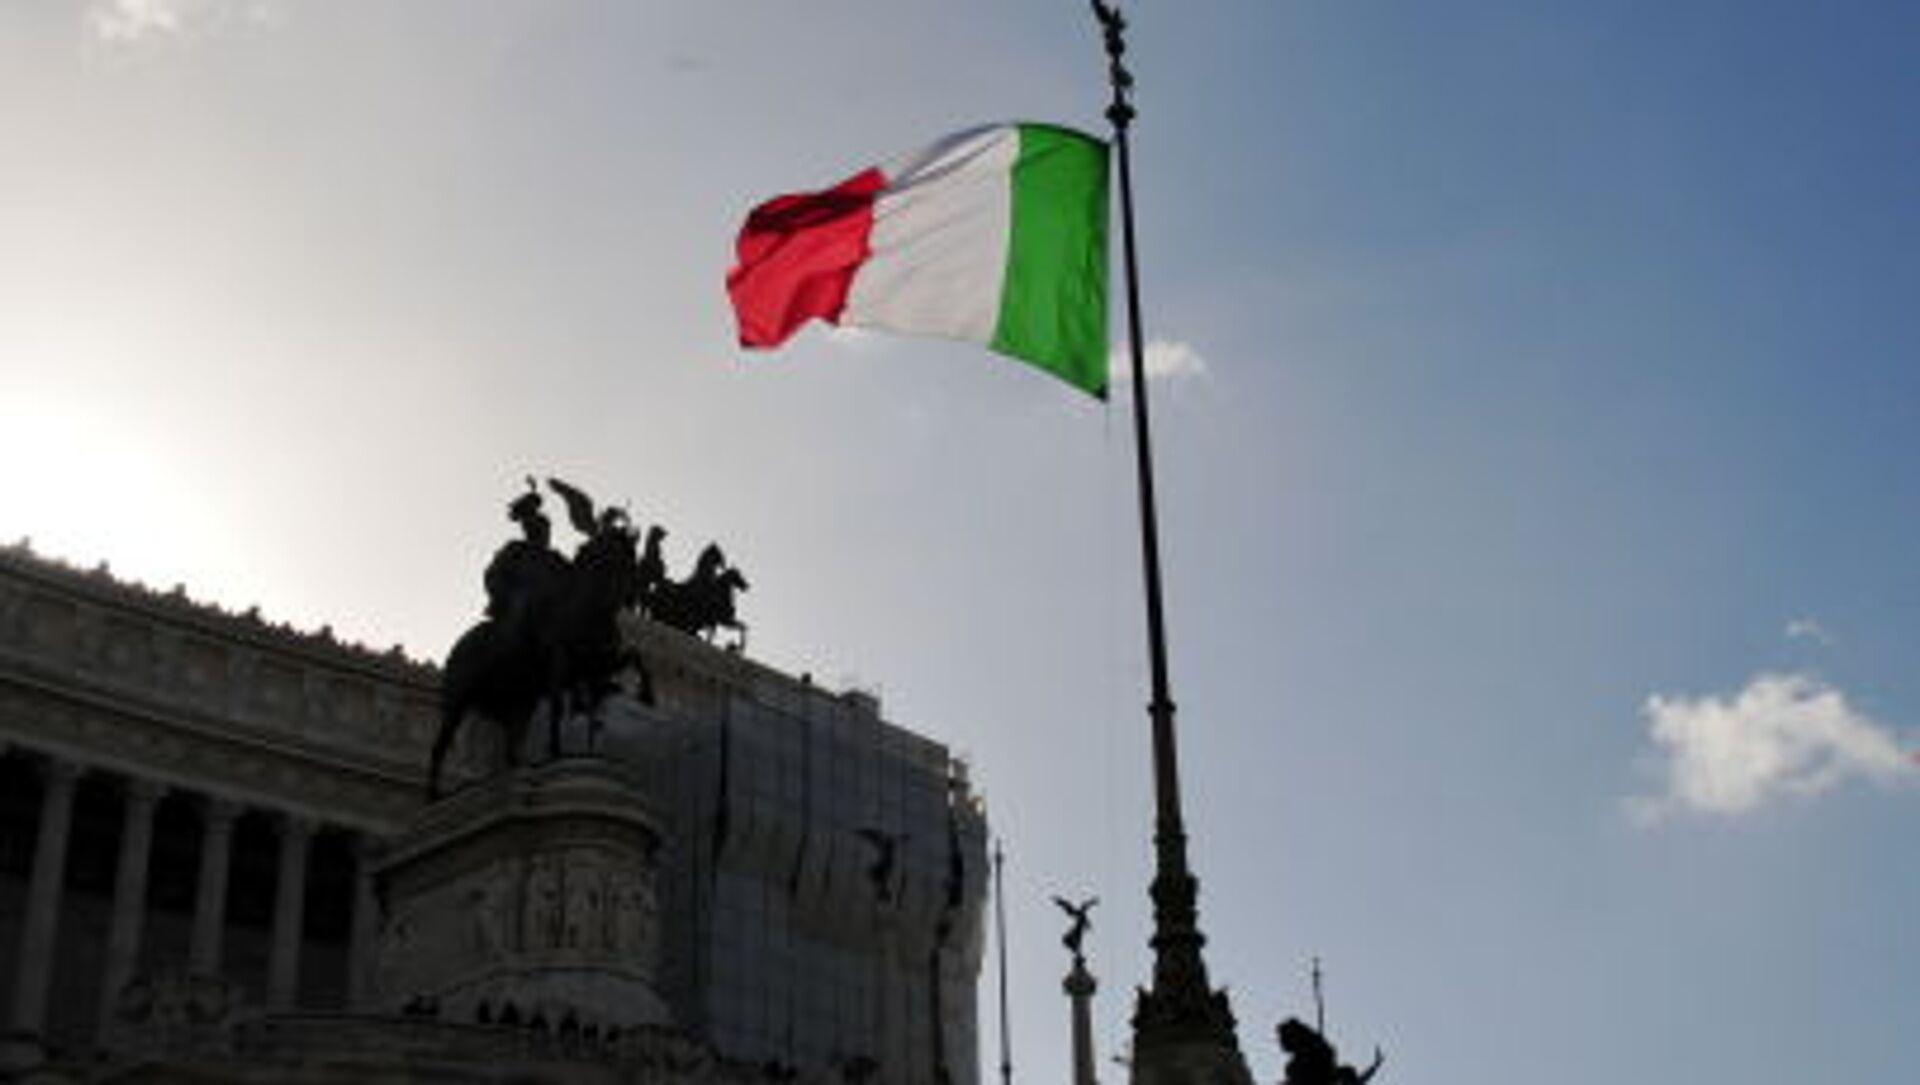 I senatori non verranno più votati dagli italiani, ma scelti da altri eletti - Sputnik Italia, 1920, 24.04.2021